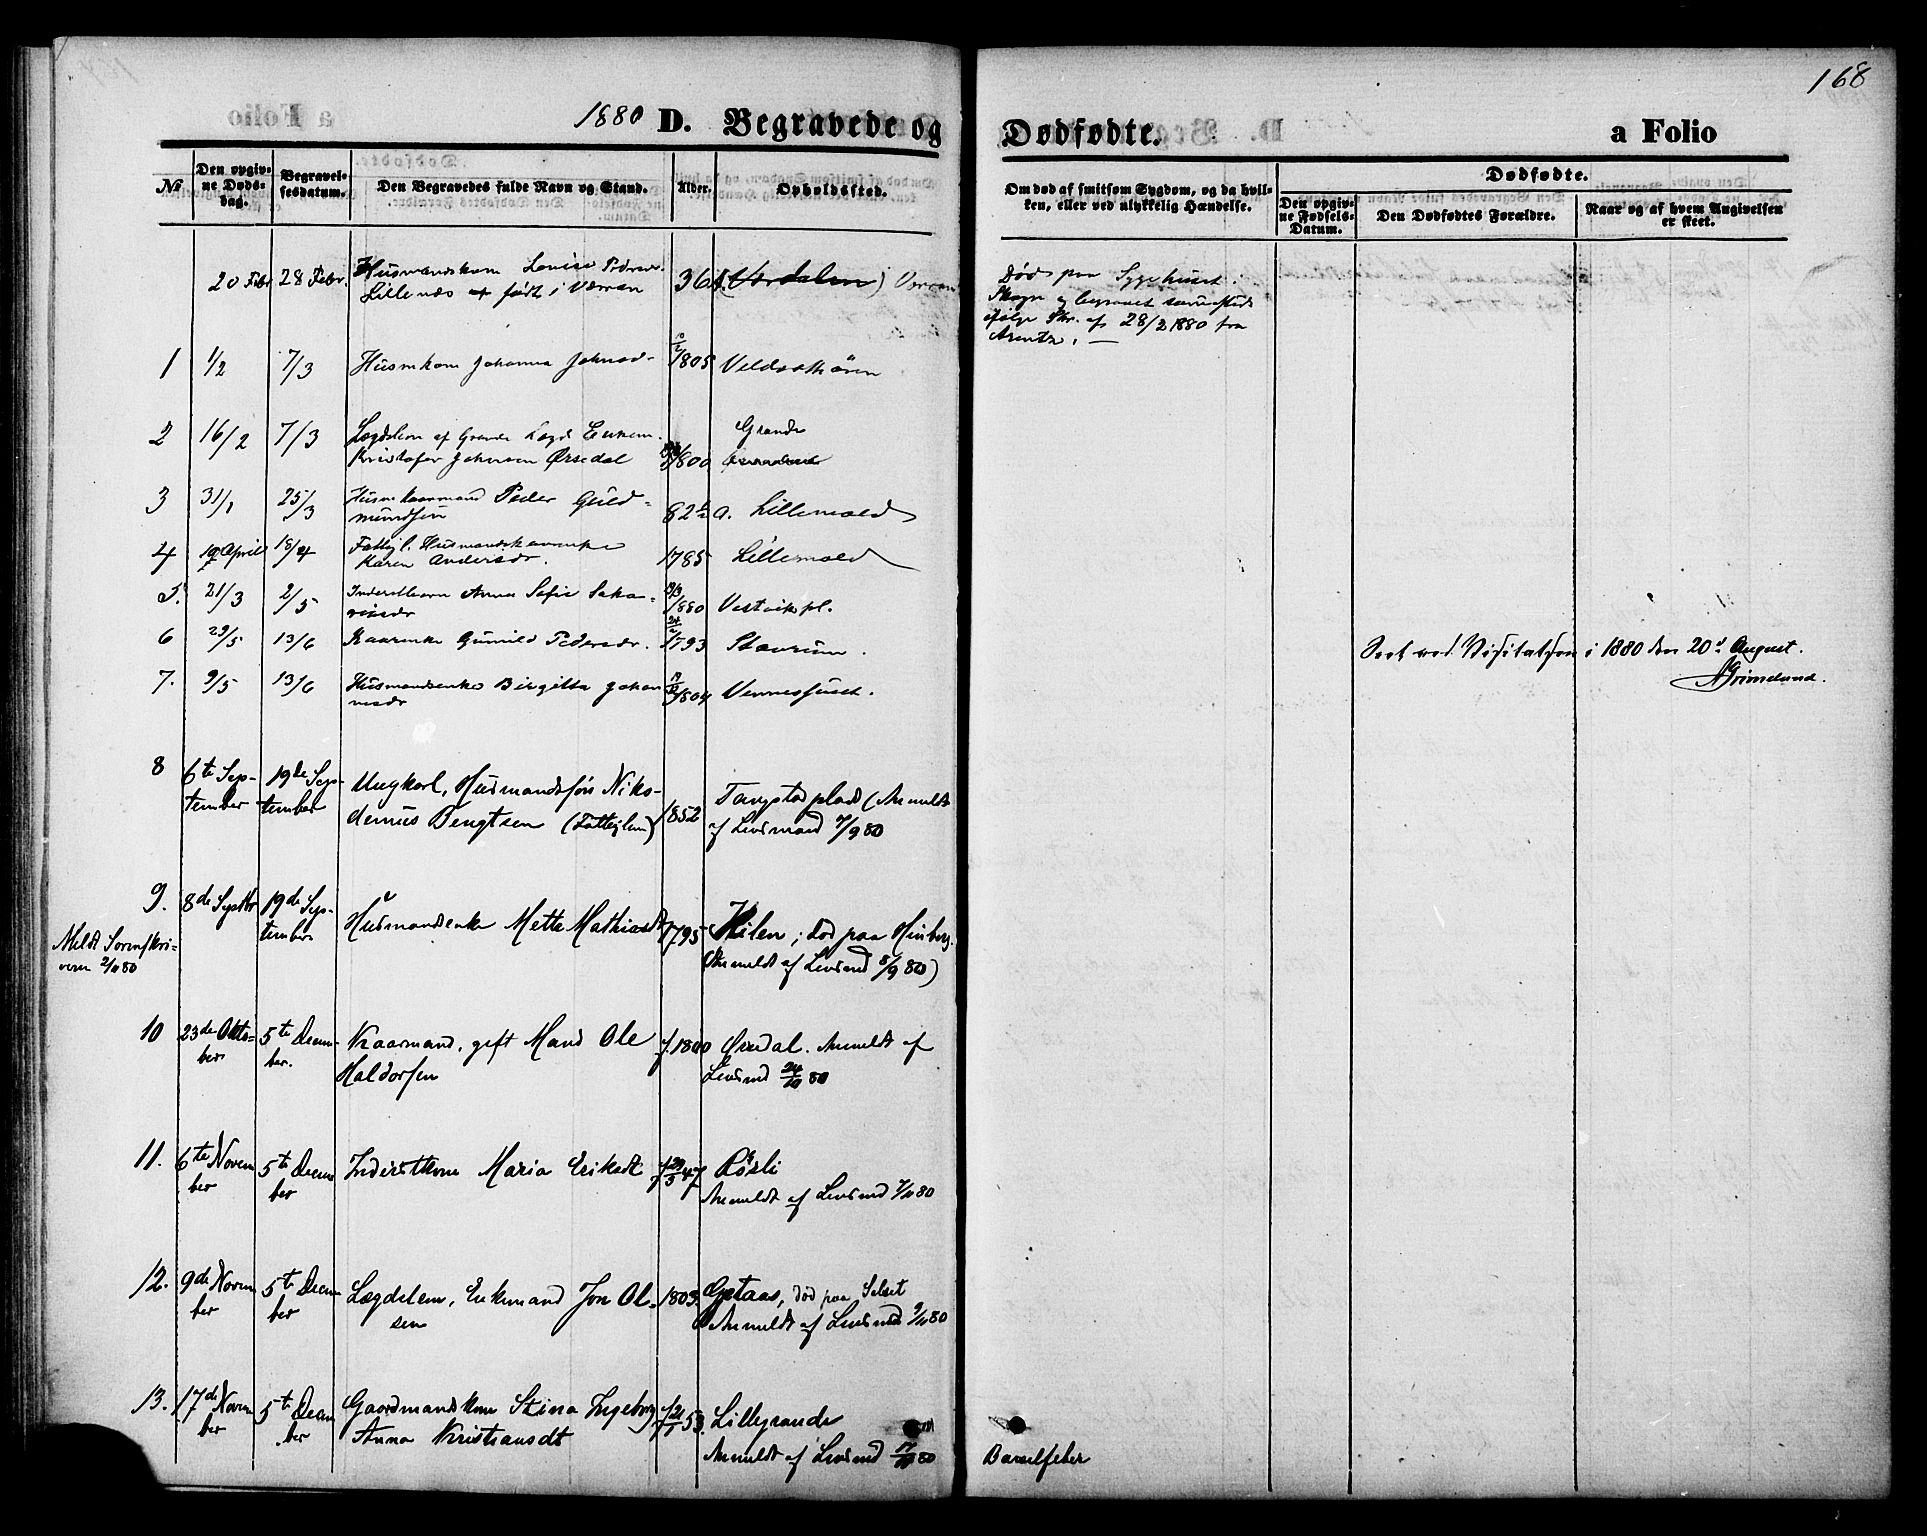 SAT, Ministerialprotokoller, klokkerbøker og fødselsregistre - Nord-Trøndelag, 744/L0419: Ministerialbok nr. 744A03, 1867-1881, s. 168